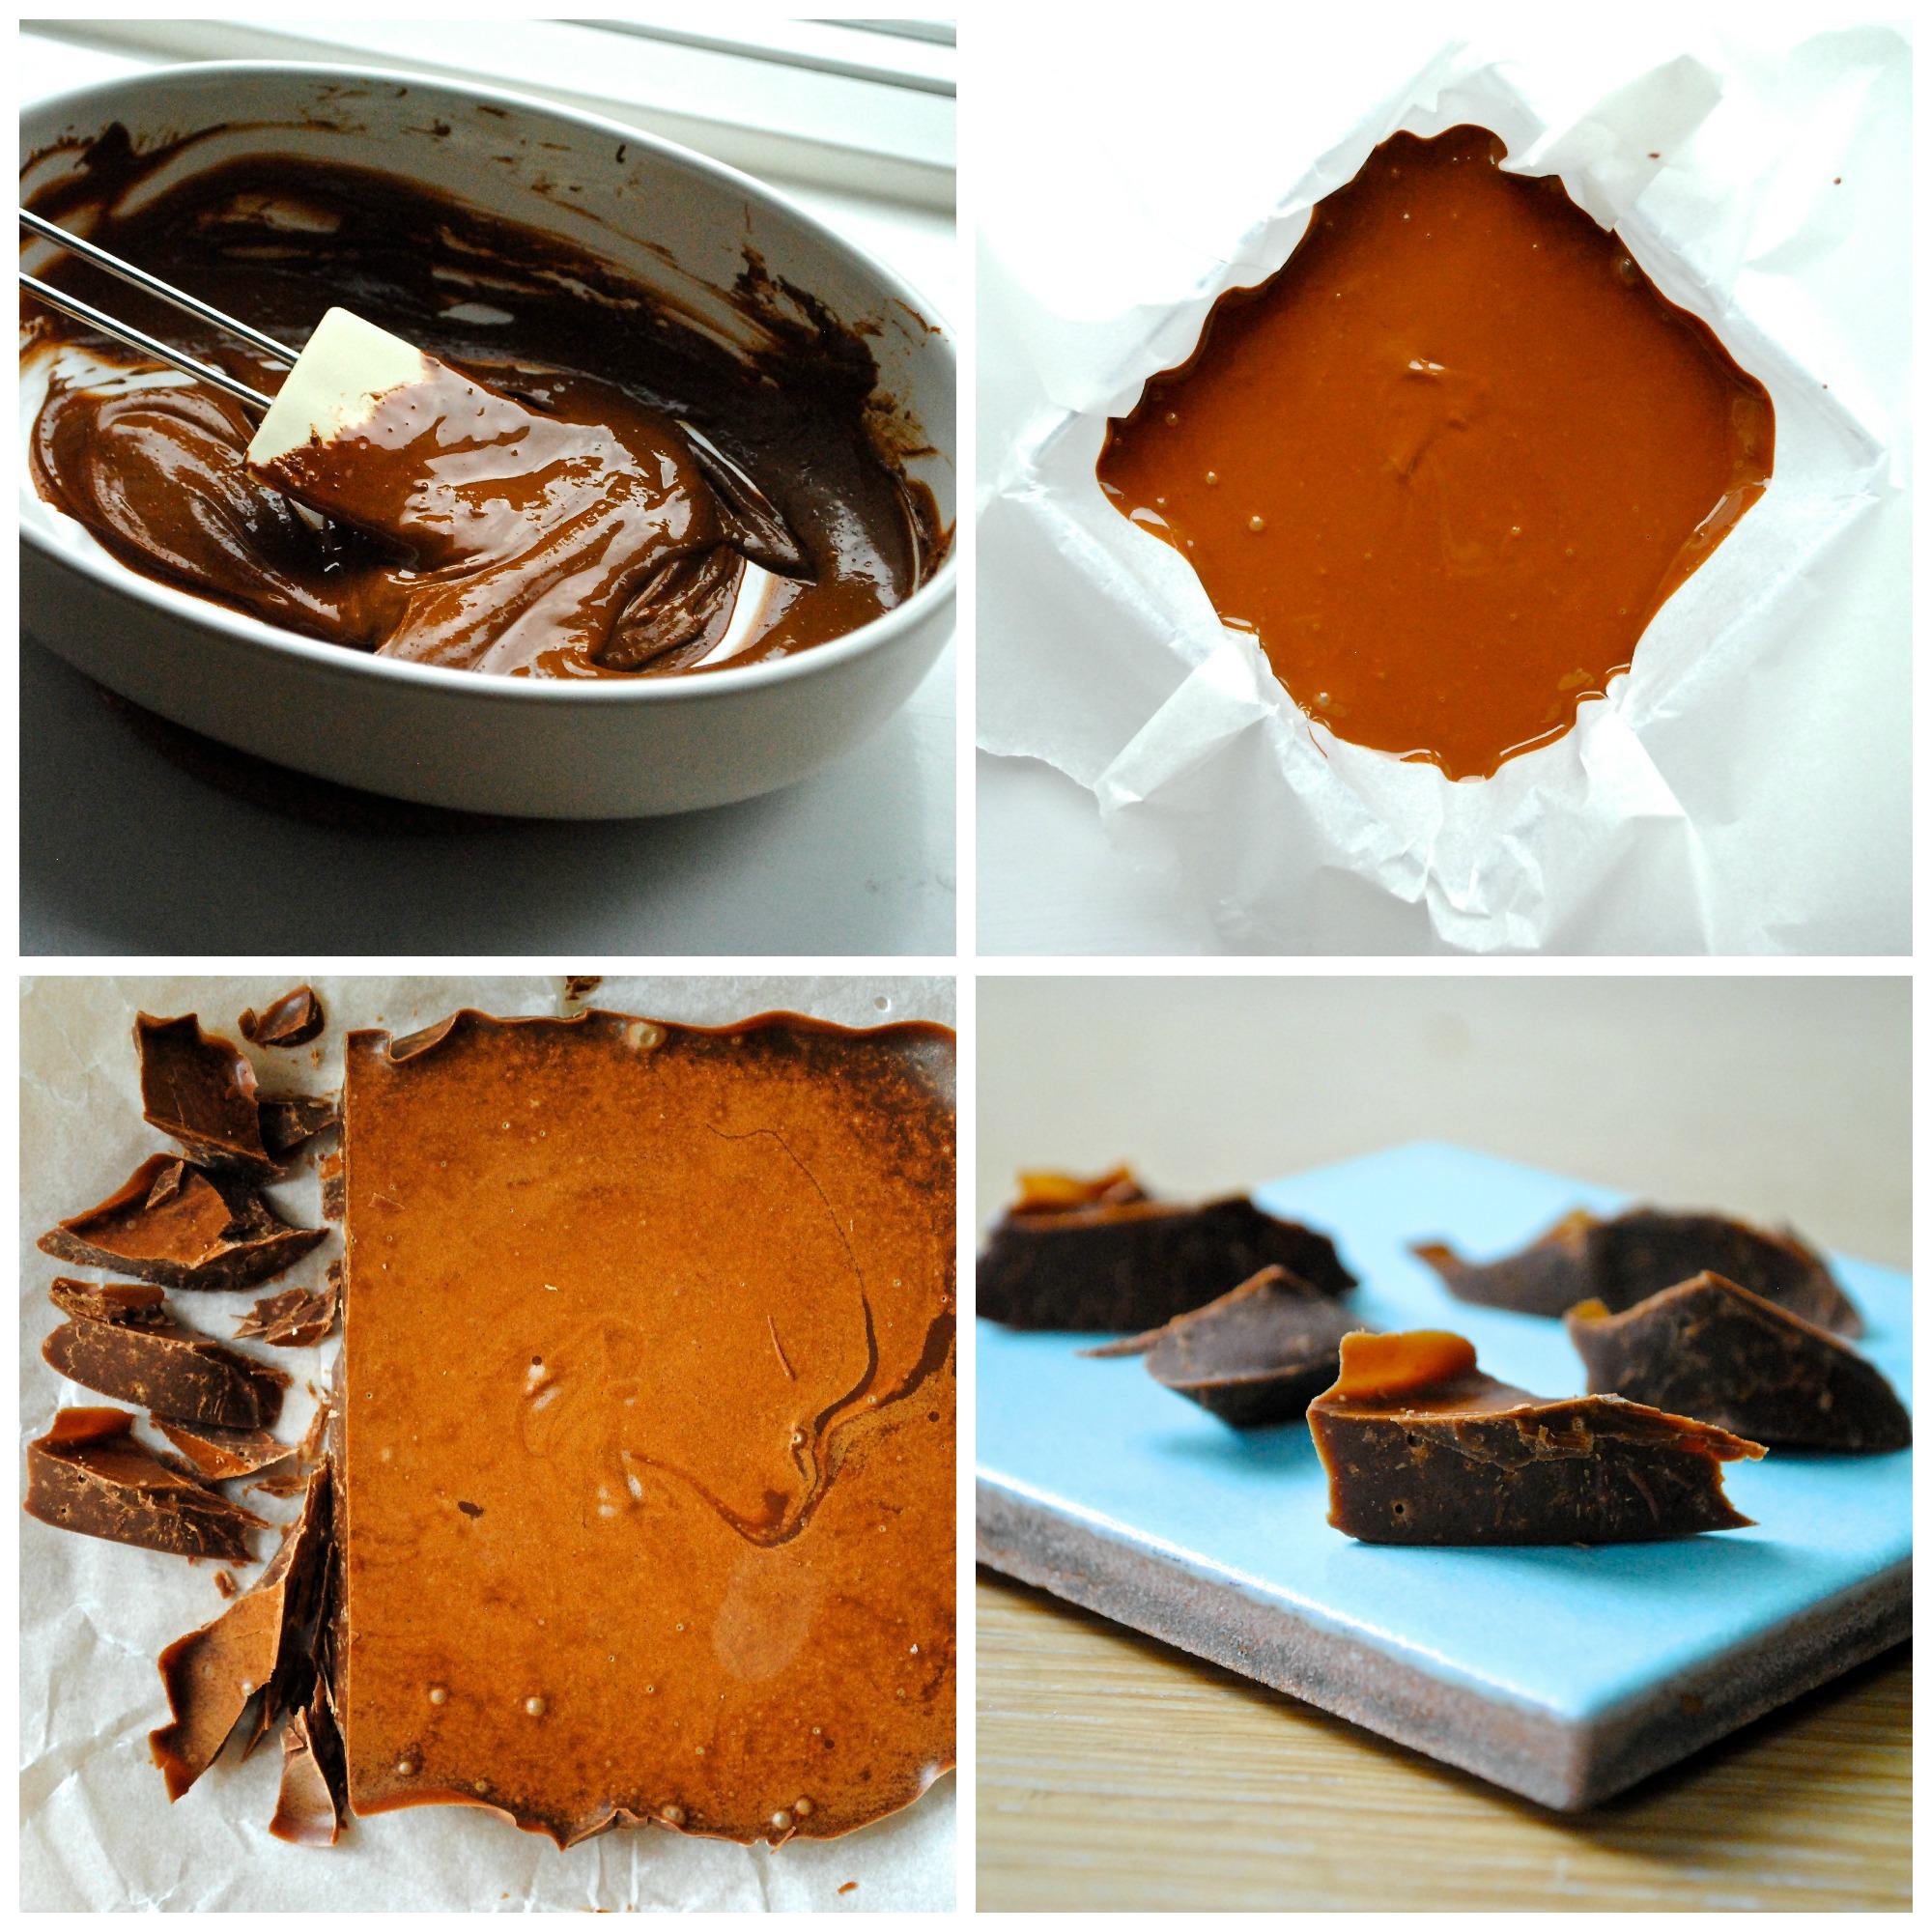 Karamelliseret mælkechokolade – et sødt eksperiment og en ny smagsoplevelse